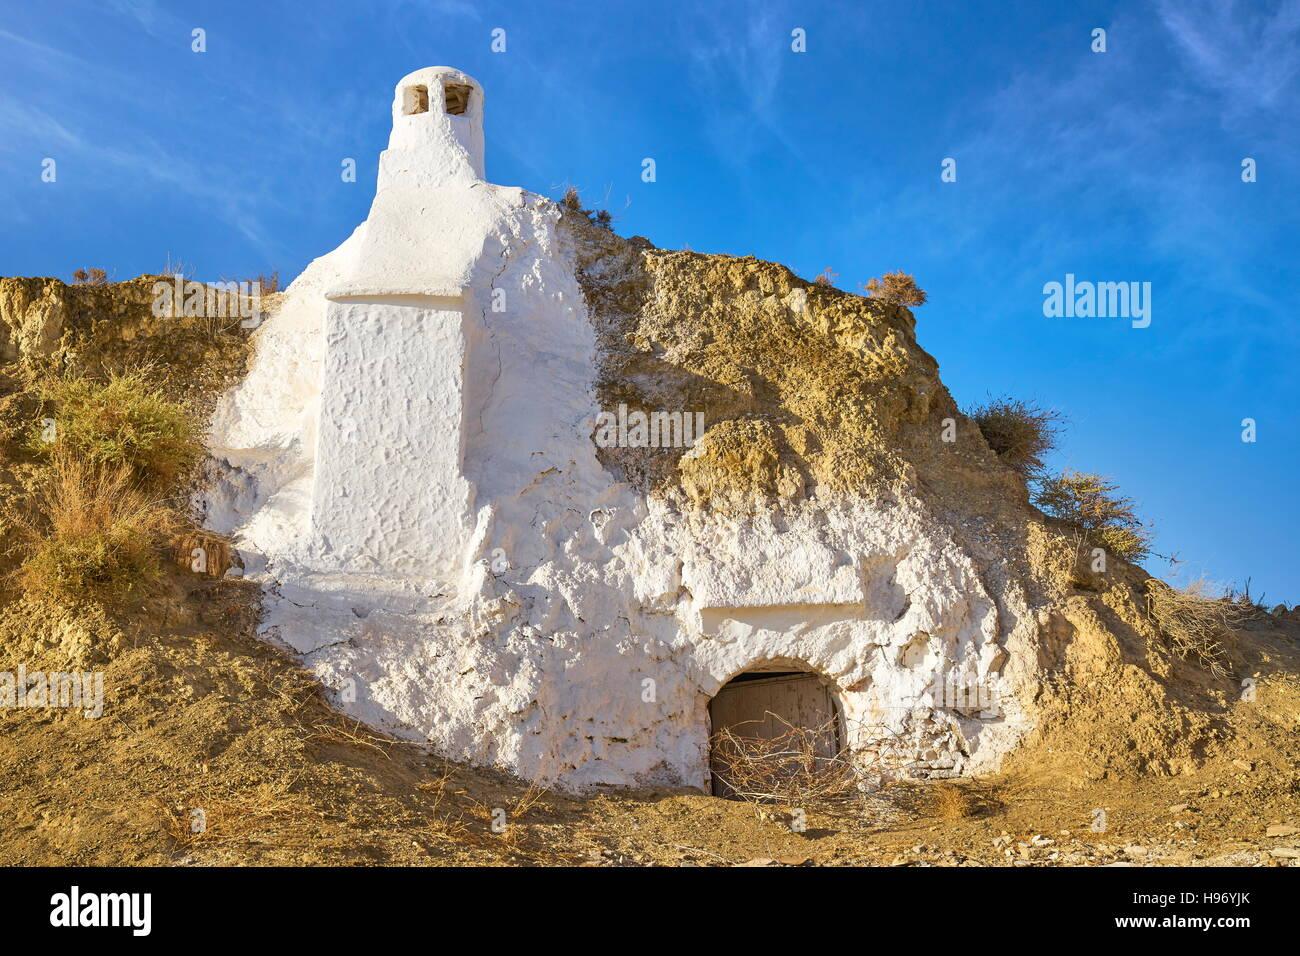 Antiguas cuevas trogloditas, garaje,casas de Guadix, Andalucía, España. Imagen De Stock